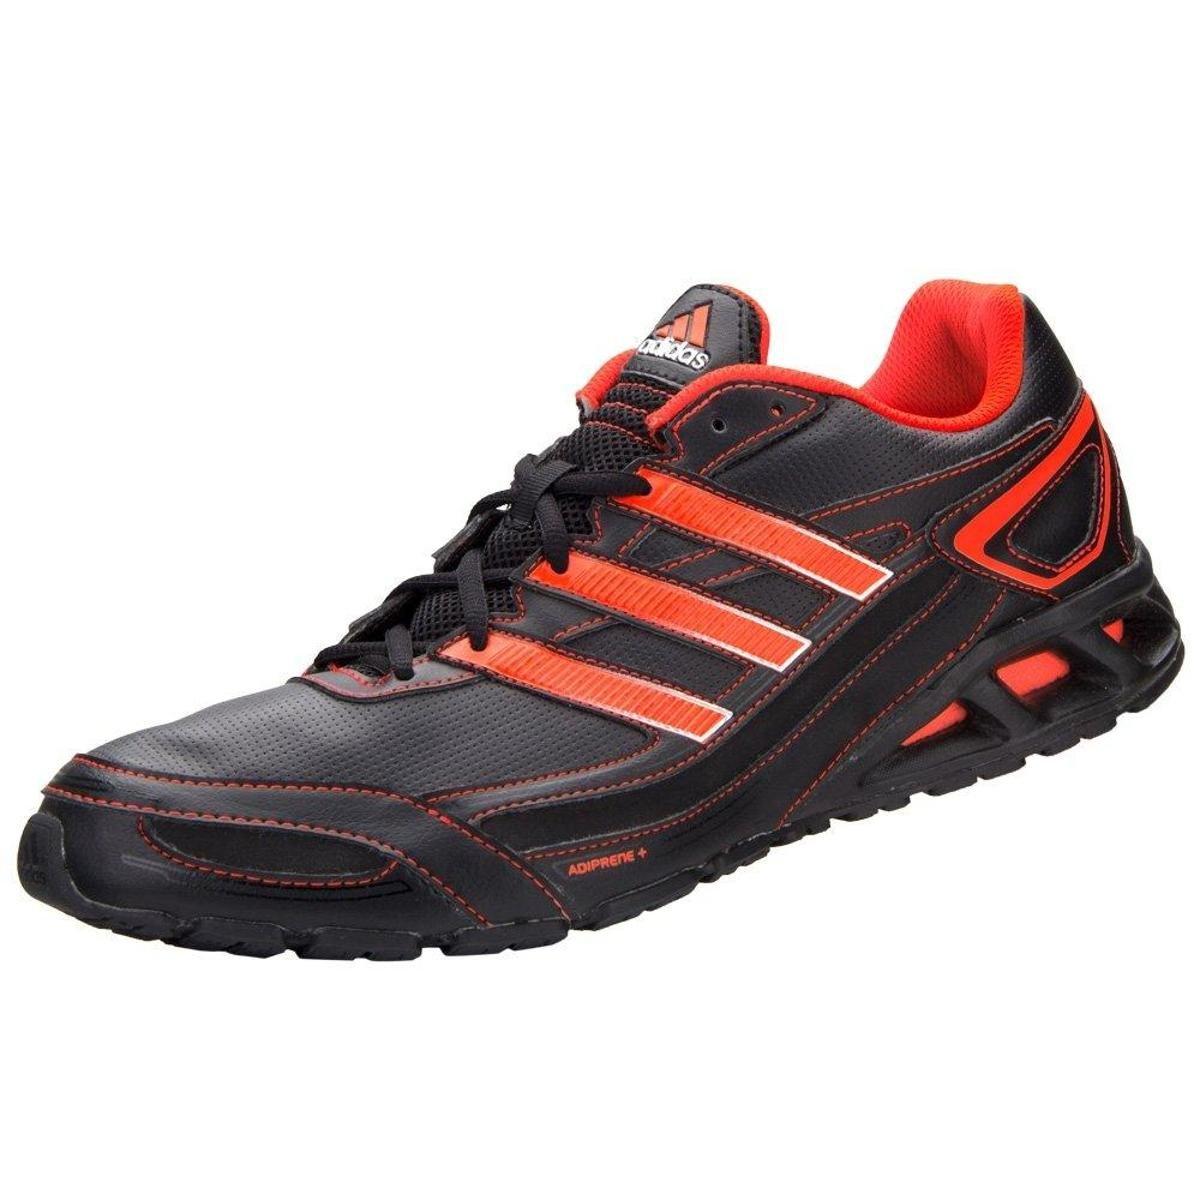 50a20c78642 Tênis Adidas Xfloat M Preto E Vermelho - Compre Agora